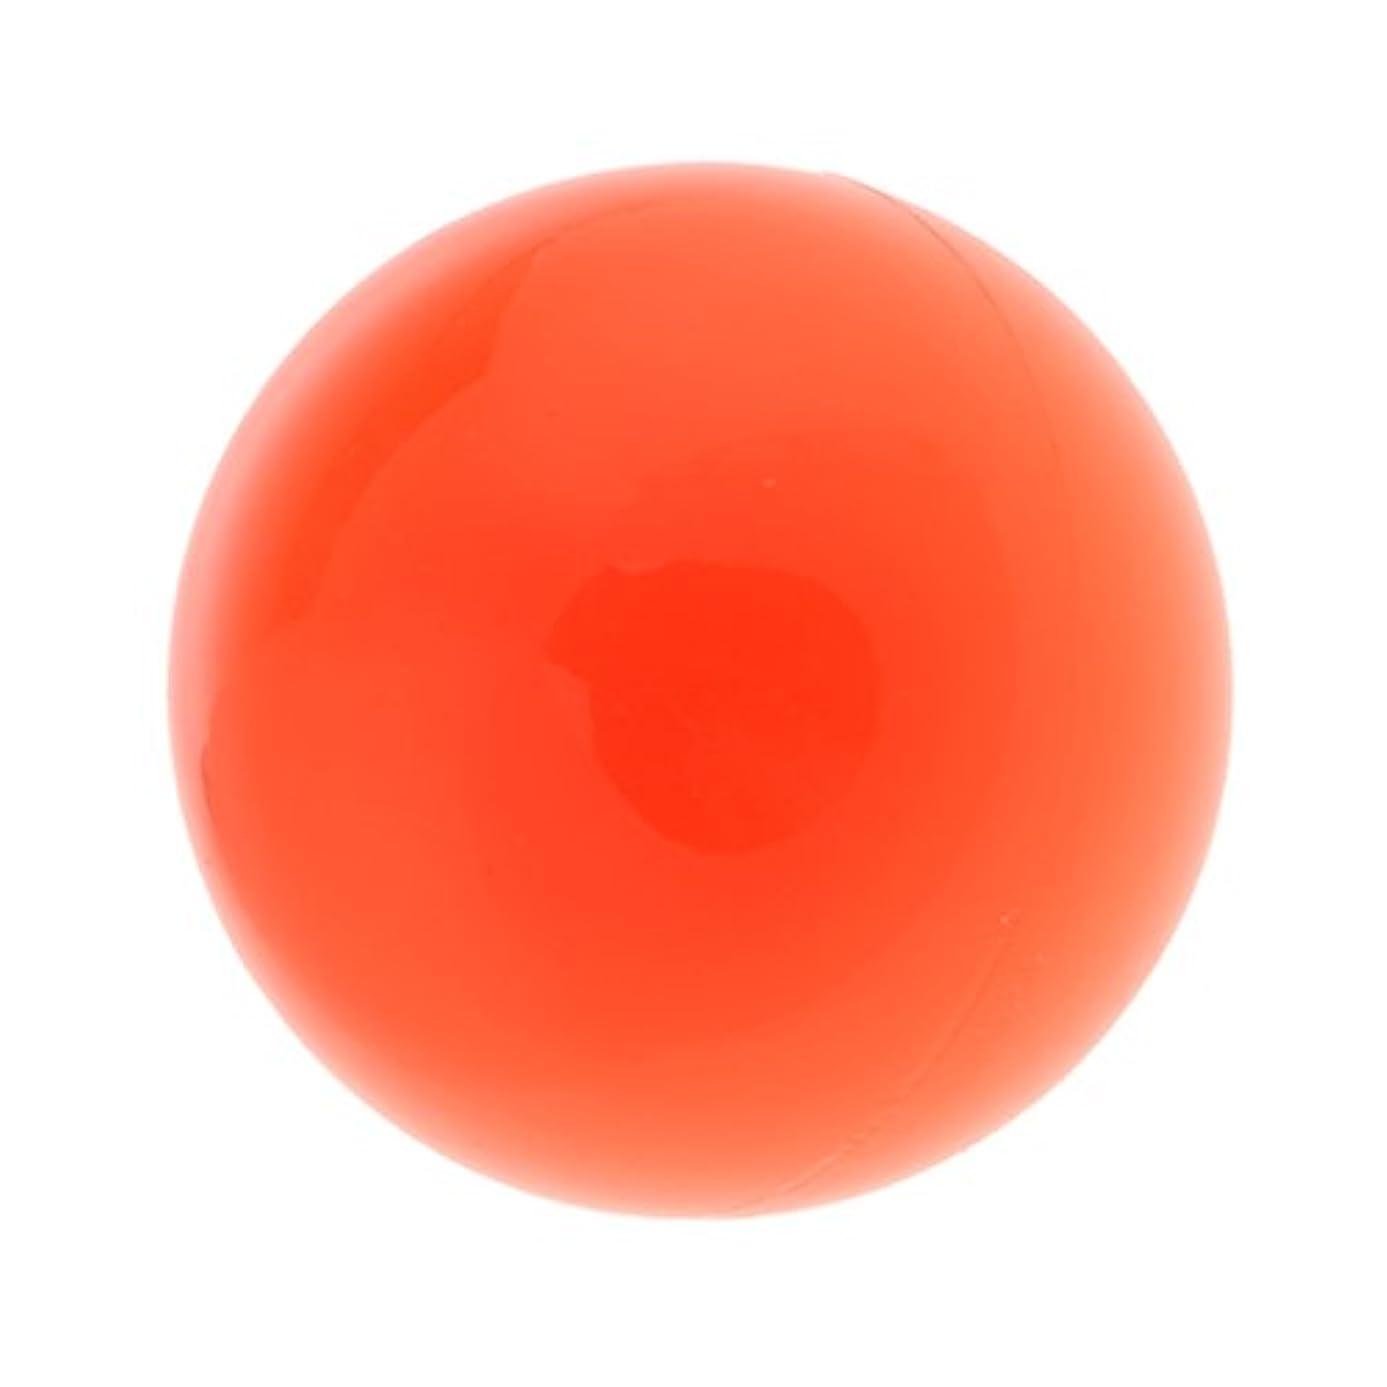 操作の暖かさCUTICATE ポイントマッサージ ボール ラクロスマッサージボール マッサージ ソフト トレーニング